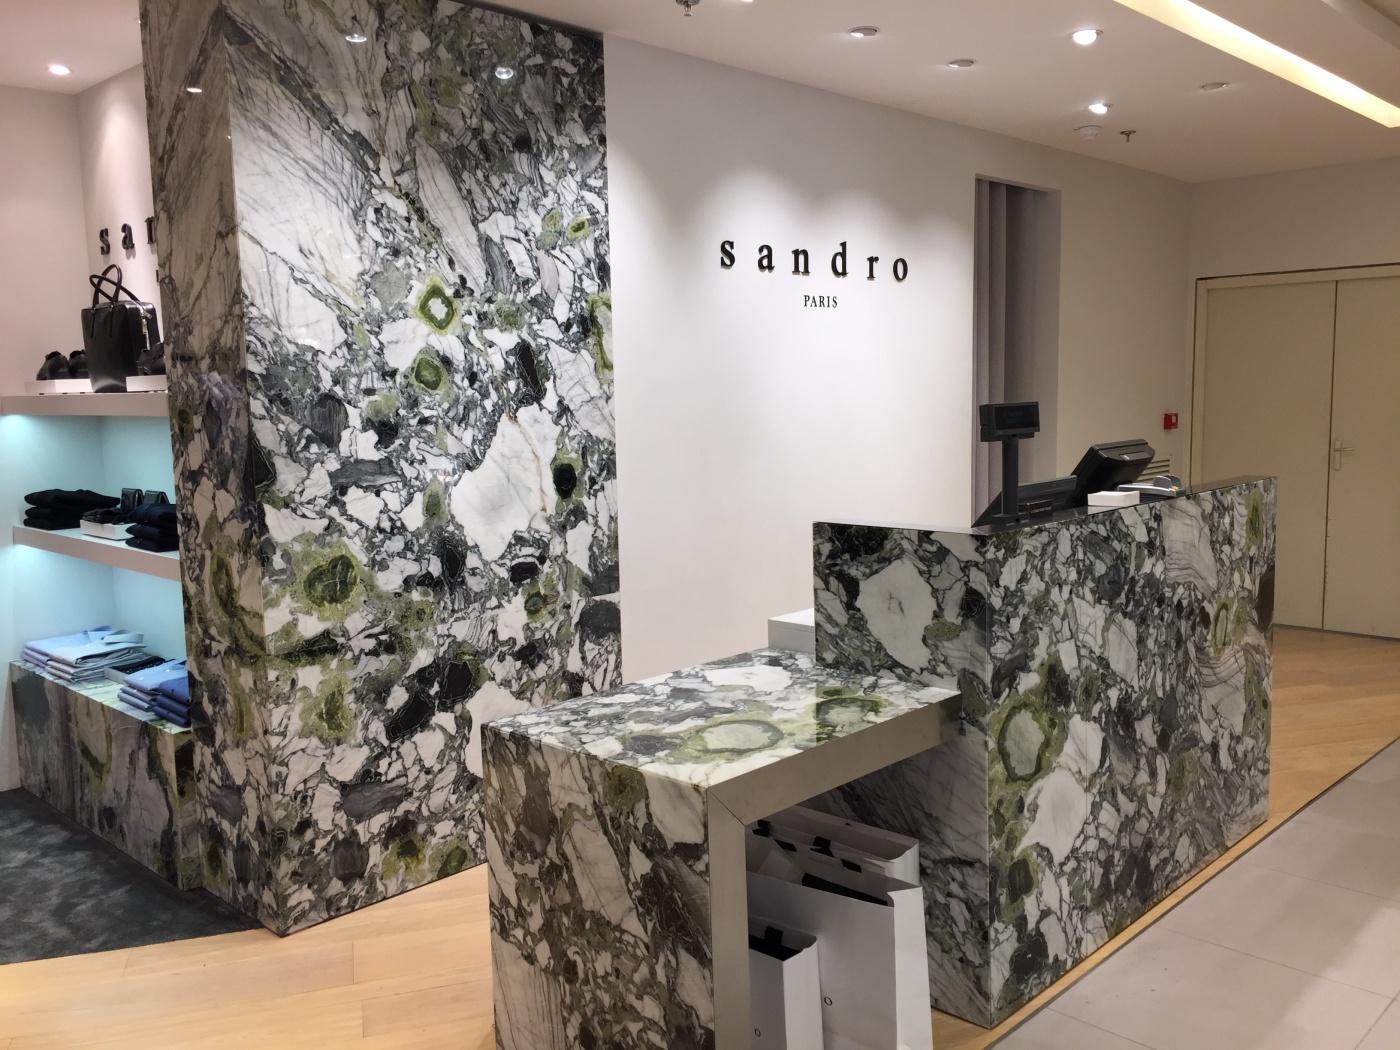 Habillage meuble caisse et mur. Fourniture façonnage et pose pour les Magasins Sandro (Groupe SMCP). Chantier aux Galeries Lafayette Haussmann Paris